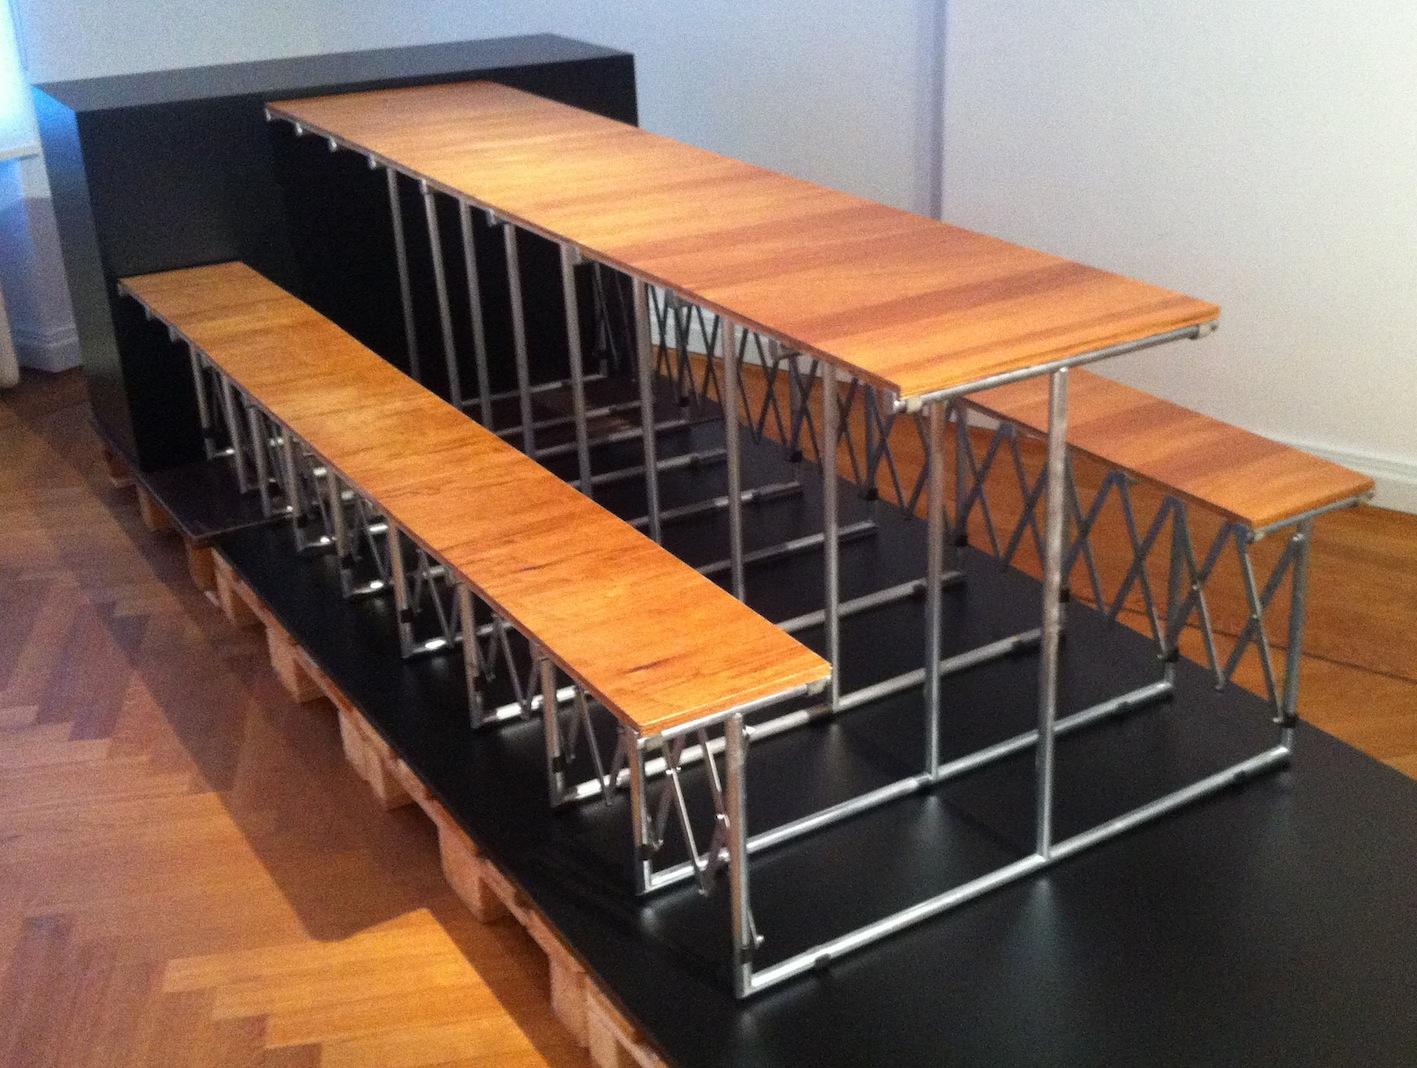 Tisch tabula rasa von Ginbande Design im Designlager Dülmen